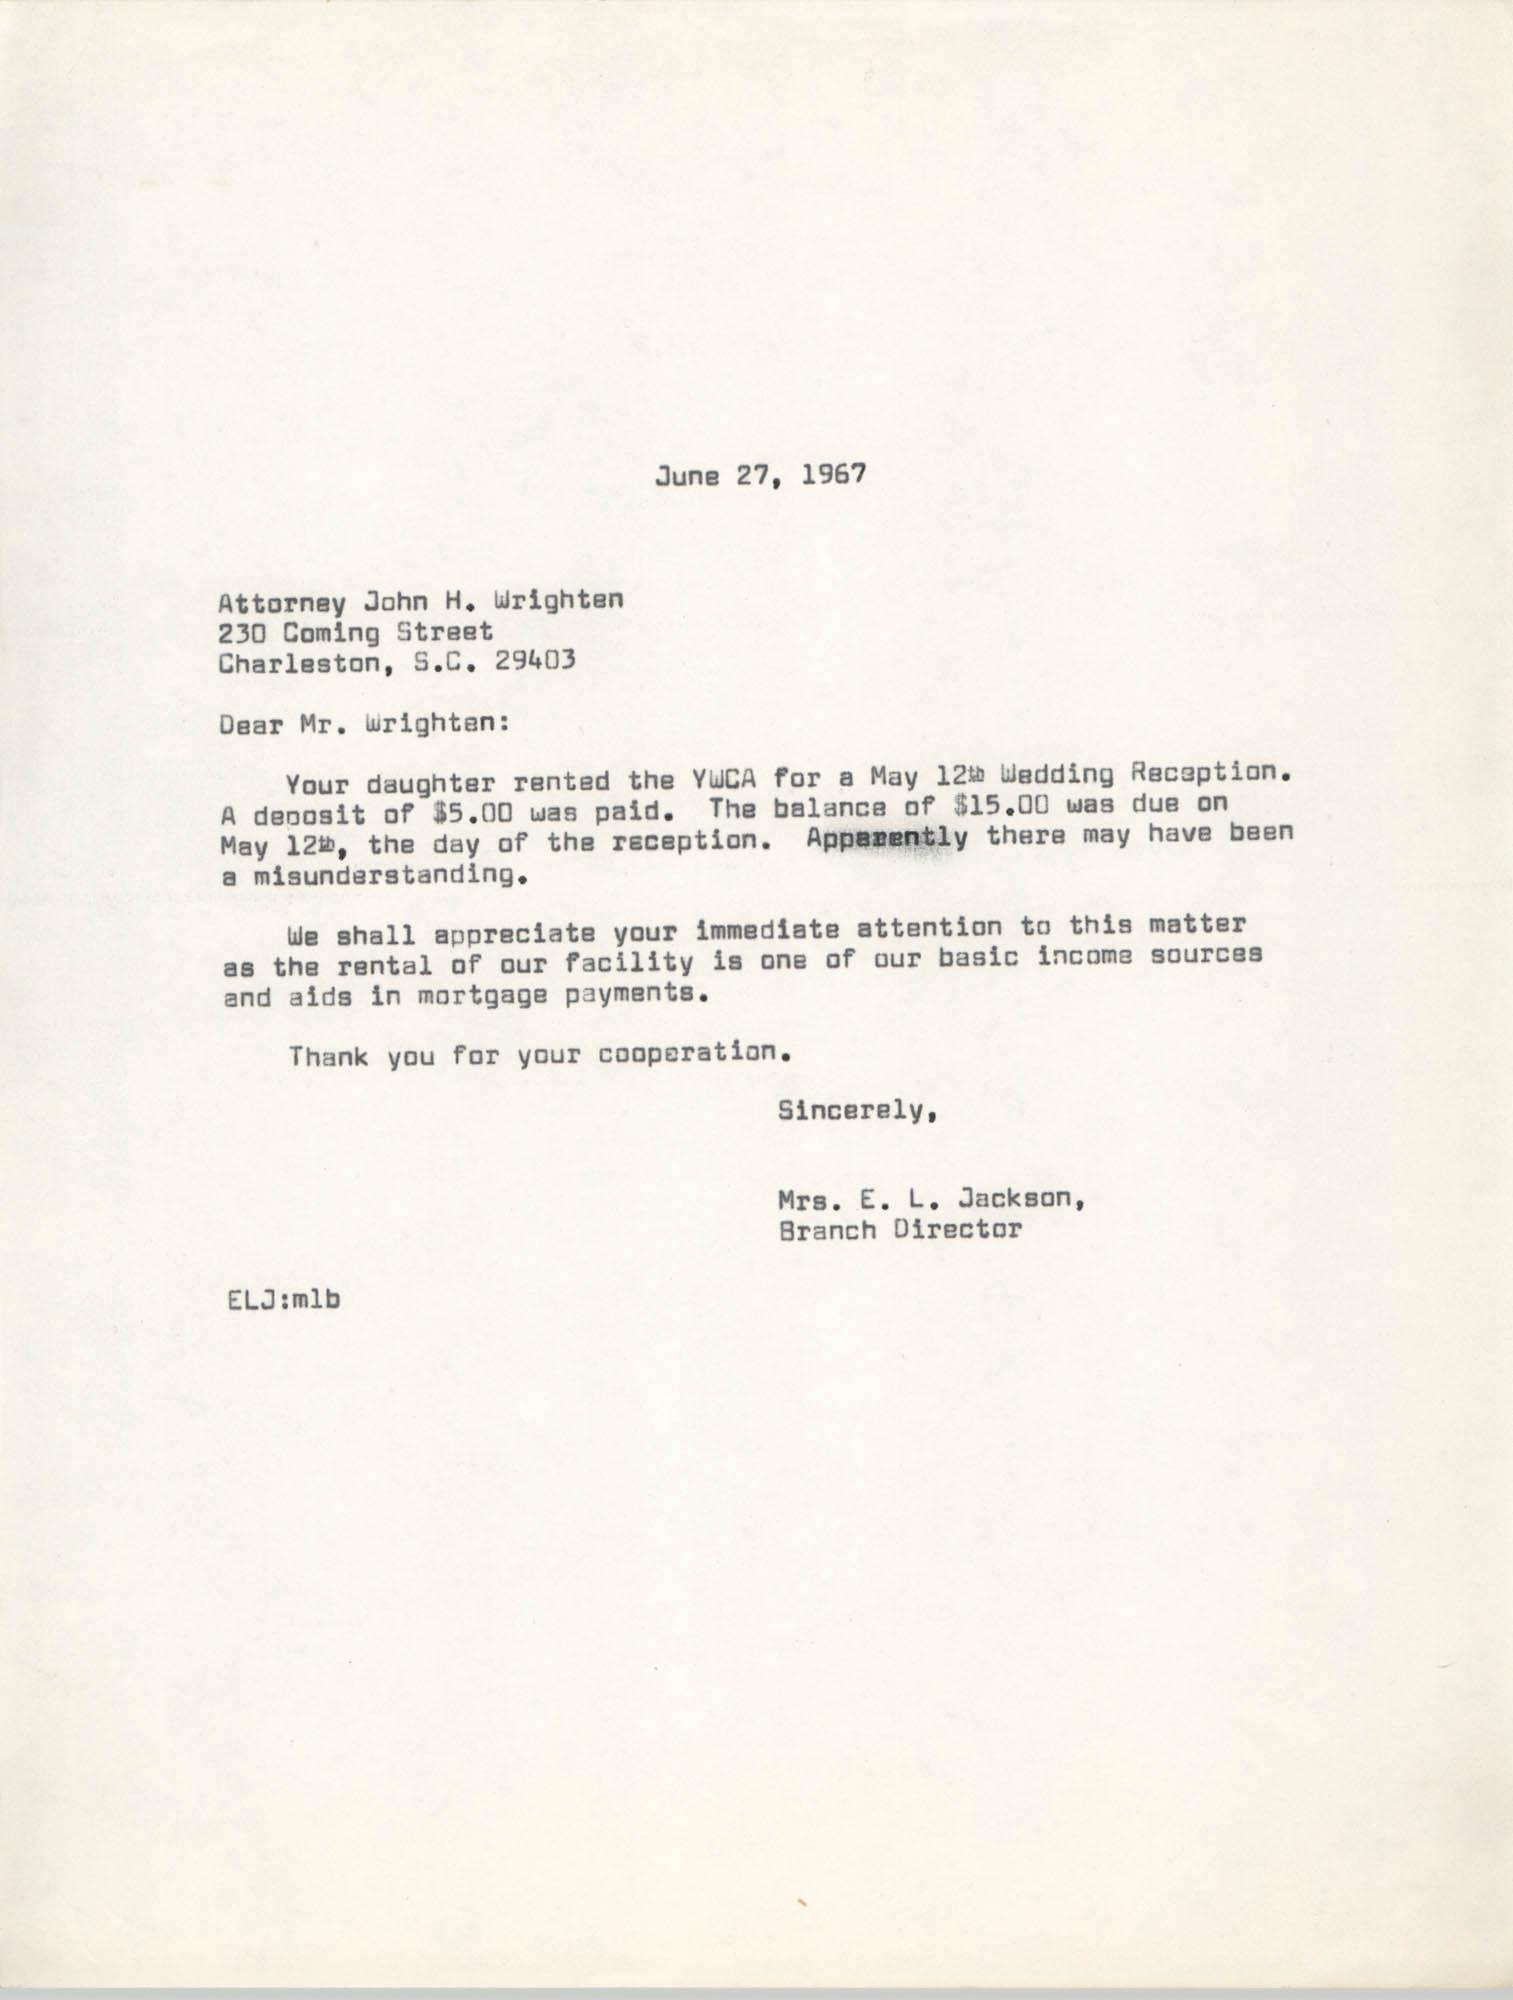 Letter from Christine O. Jackson to John H. Wrighten, June 27, 1967